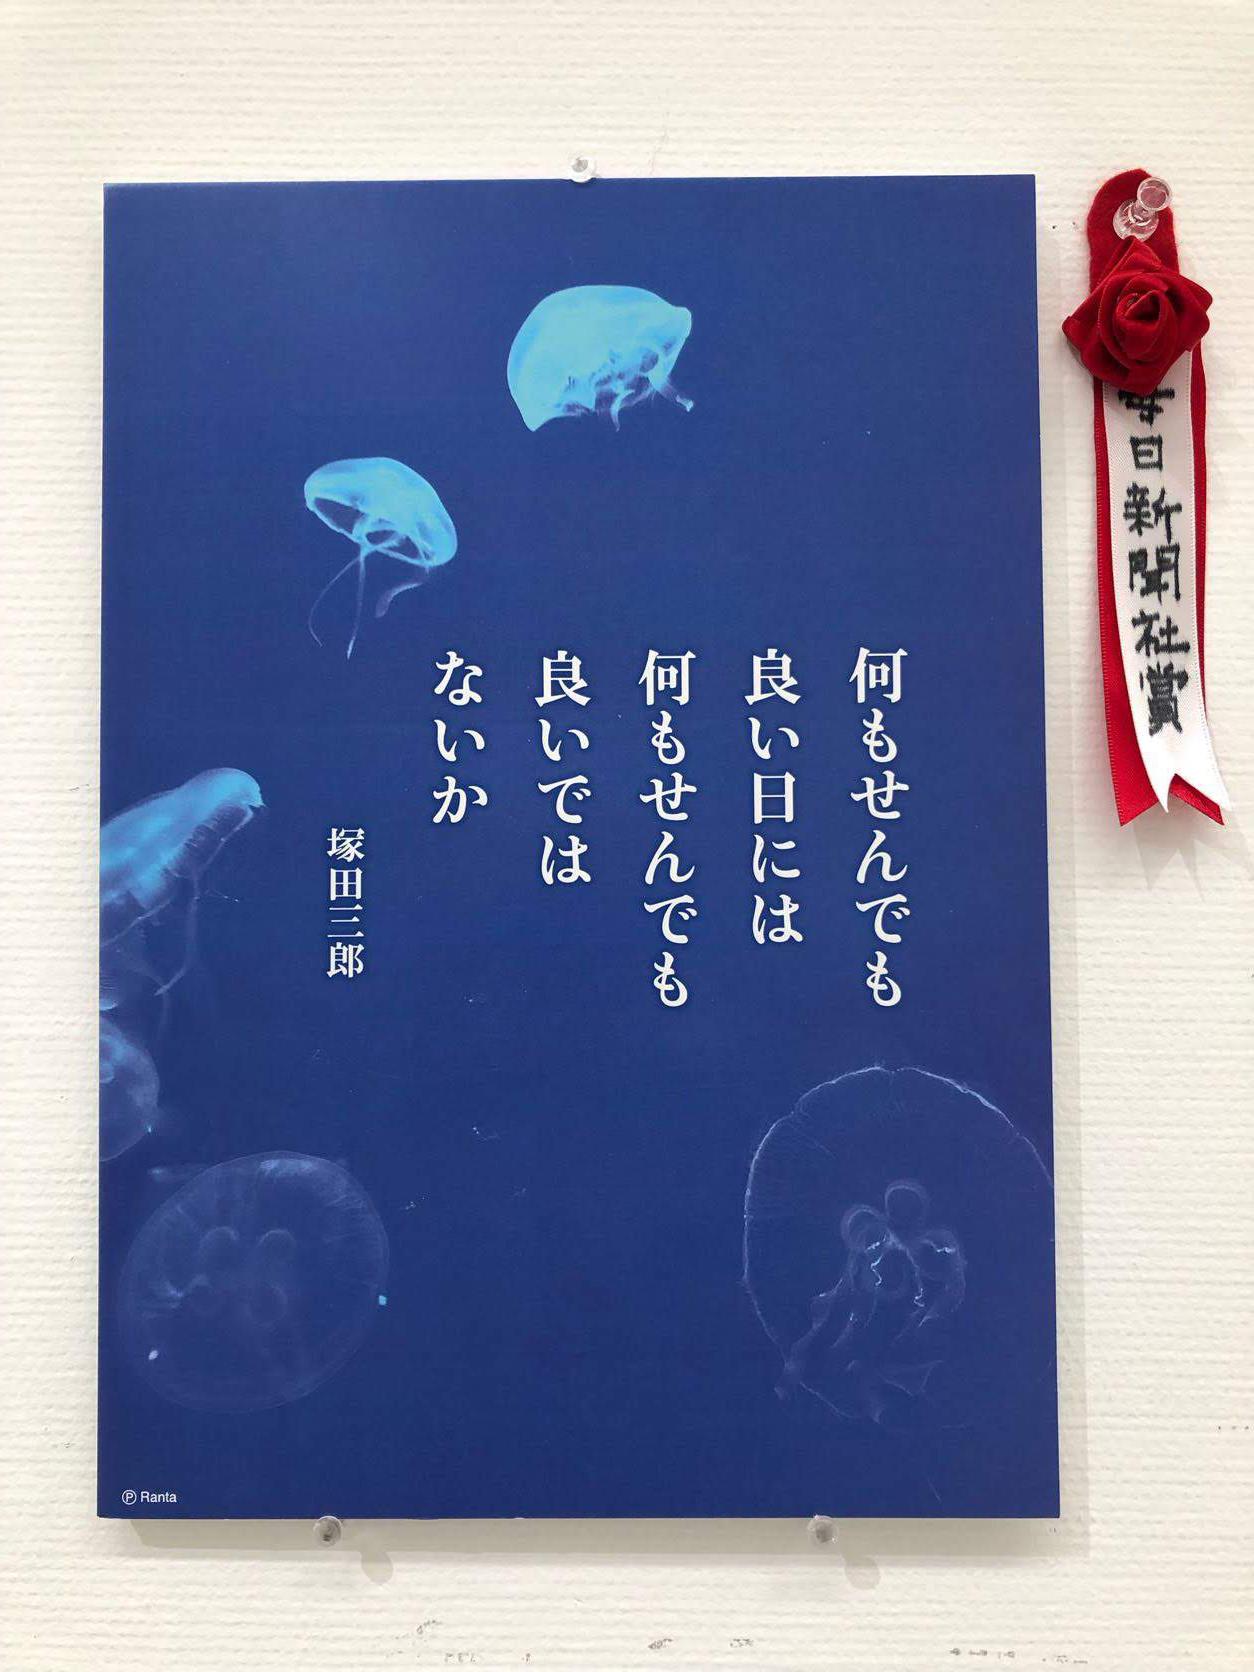 五行歌25年~言葉でひらく未来 巡回展 福岡会場入賞作品発表!